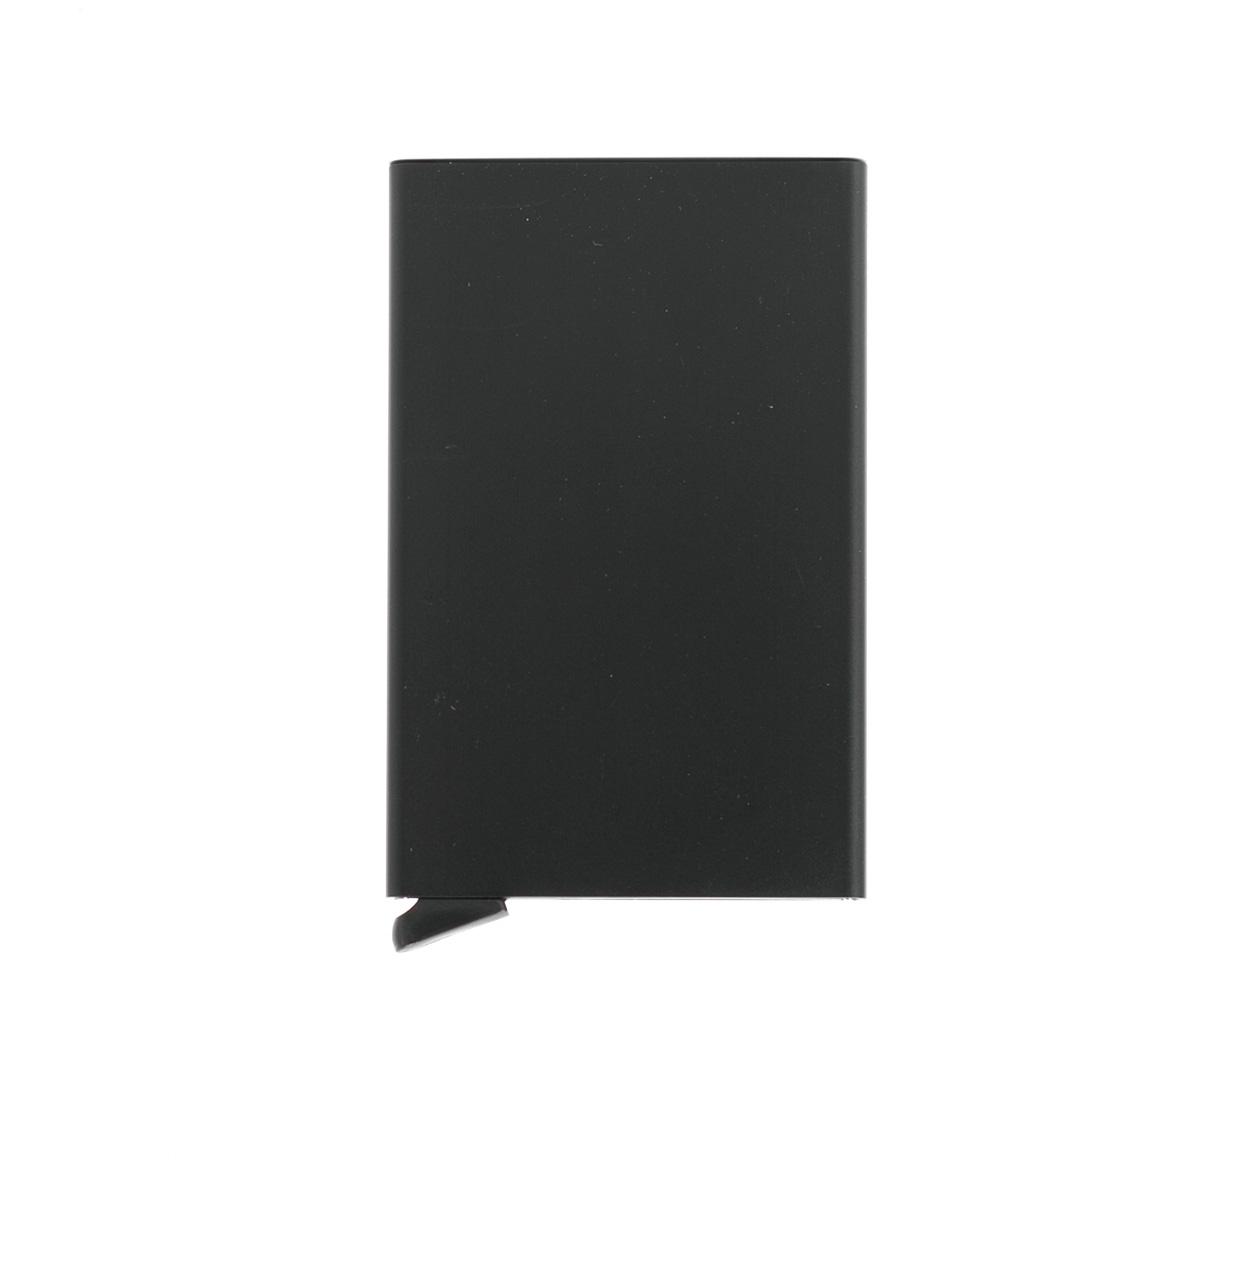 Secrid slim wallet con cardprotector de aluminio ultrafino, color negro.